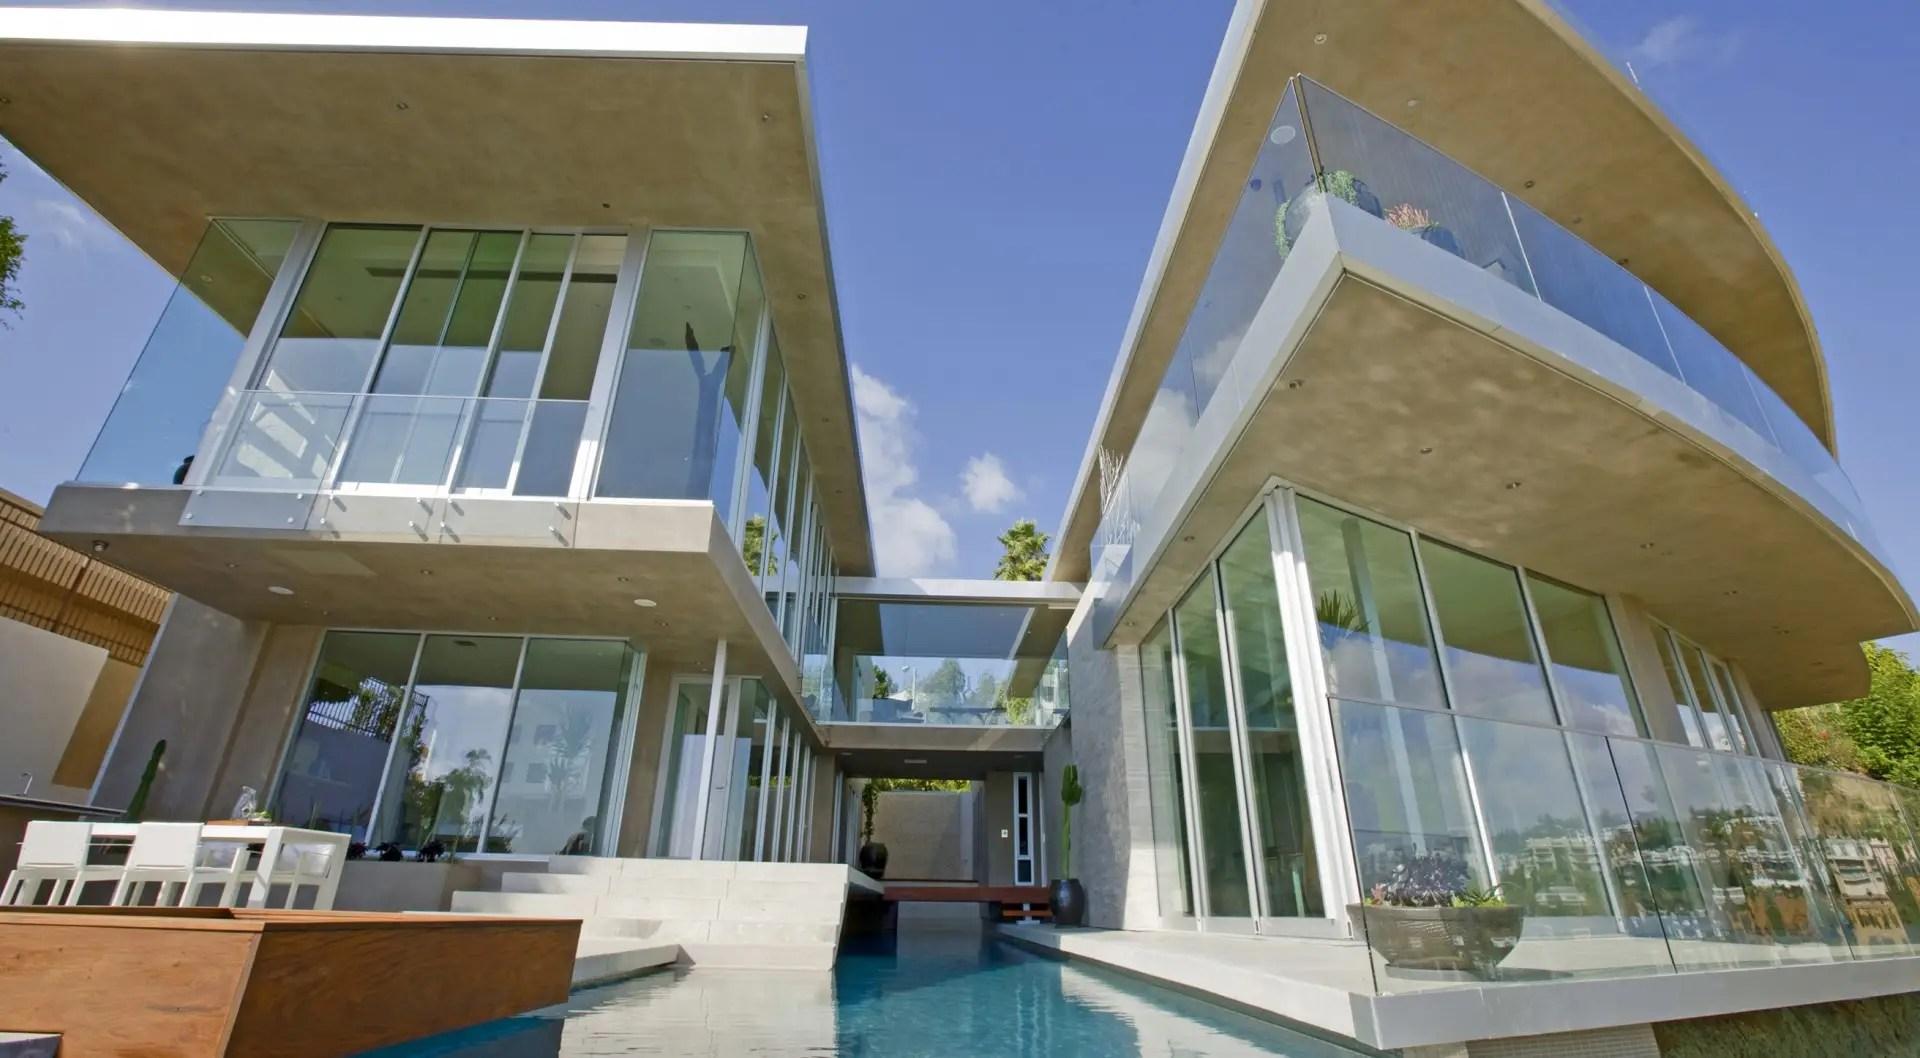 Avicii's Bird Streets mansion in Los Angeles has an impressive facade.